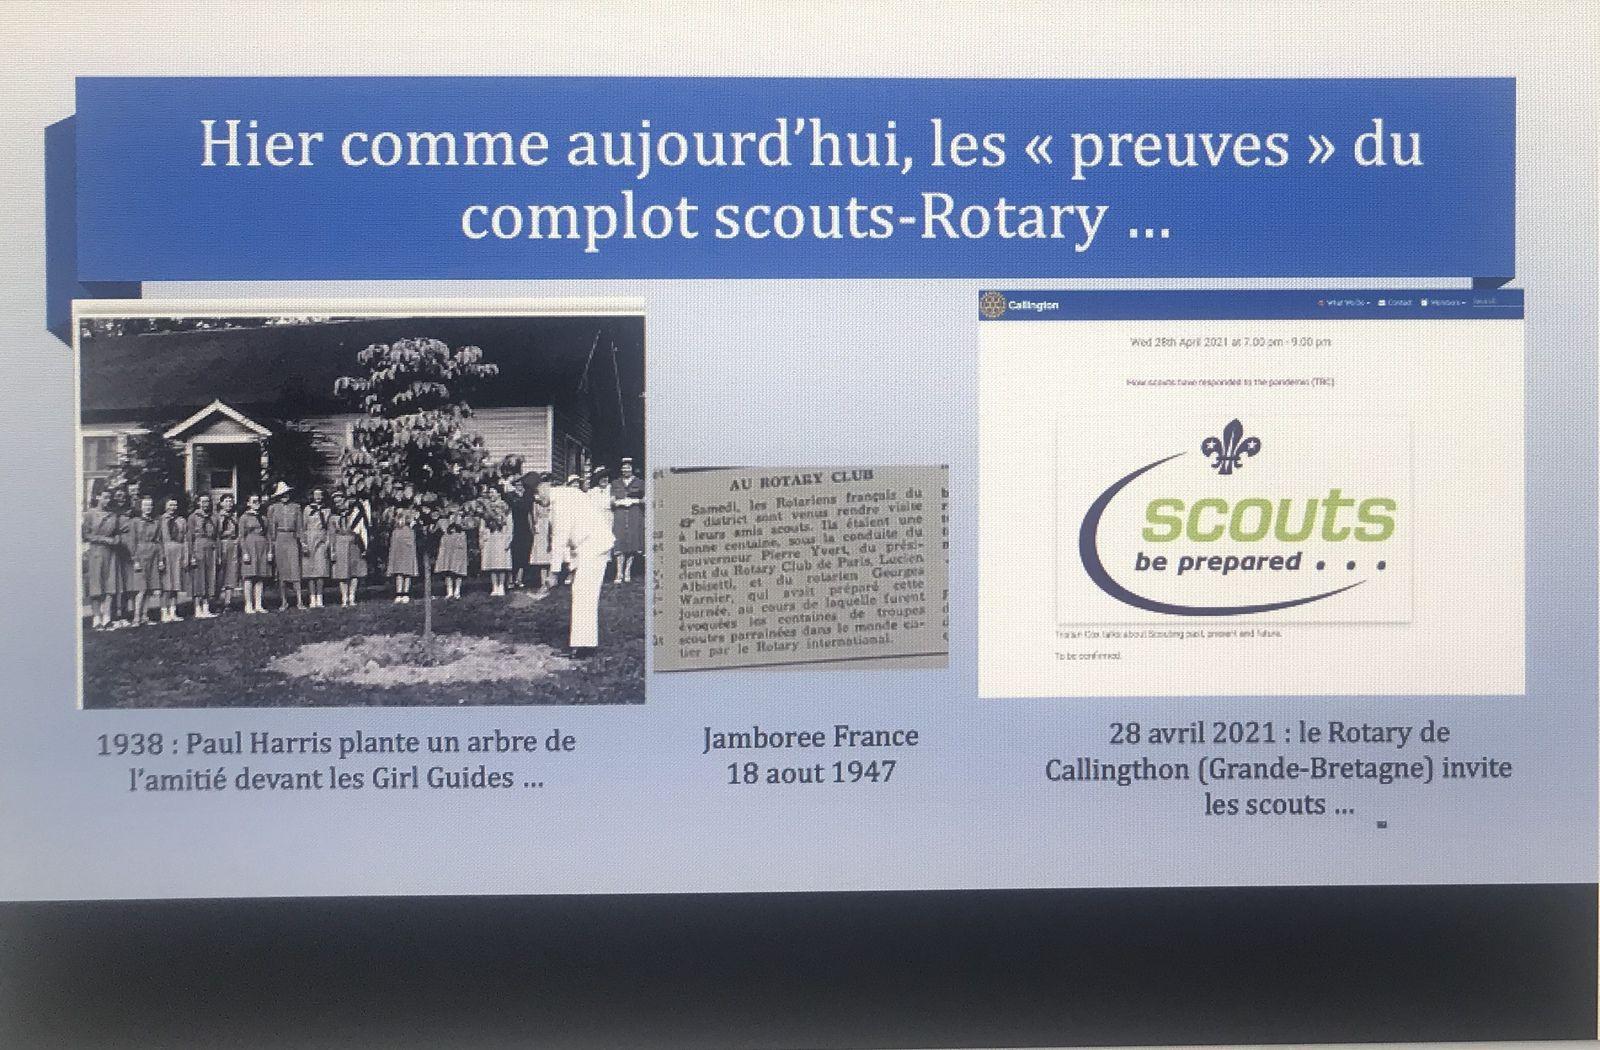 18 mars 2021 : le RotaryInternational et les Scouts de France,  acteurs d'un vaste complot mondial ?